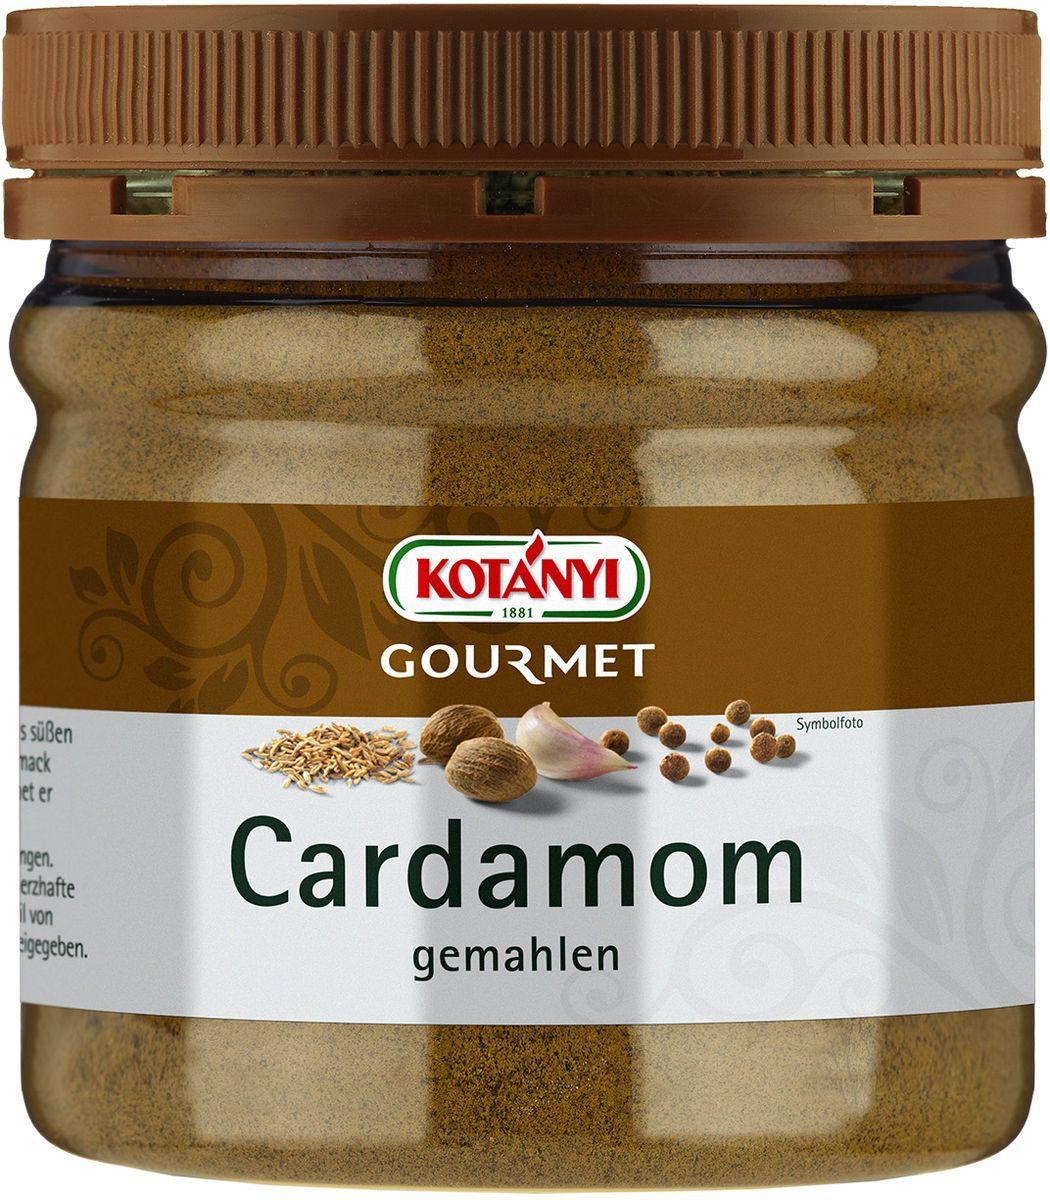 Kotanyi Кардамон молотый, 159 г742701Кардамон обладает ярким вкусом и ароматом, напоминающим эвкалипт. Кардaмон Kotanyi придаст вашим блюдам пикантную восточную нотку. Он подходит для мясных блюд, а также для сладких блюд и выпечки, приготовления глинтвейна, кофе, чая и других горячих напитков.Может содержать следы глютеносодержащих злаков, яиц, сои, сельдерея, кунжута, орехов, молока (лактозы), горчицы. Хранить плотно закрытым в сухом месте.